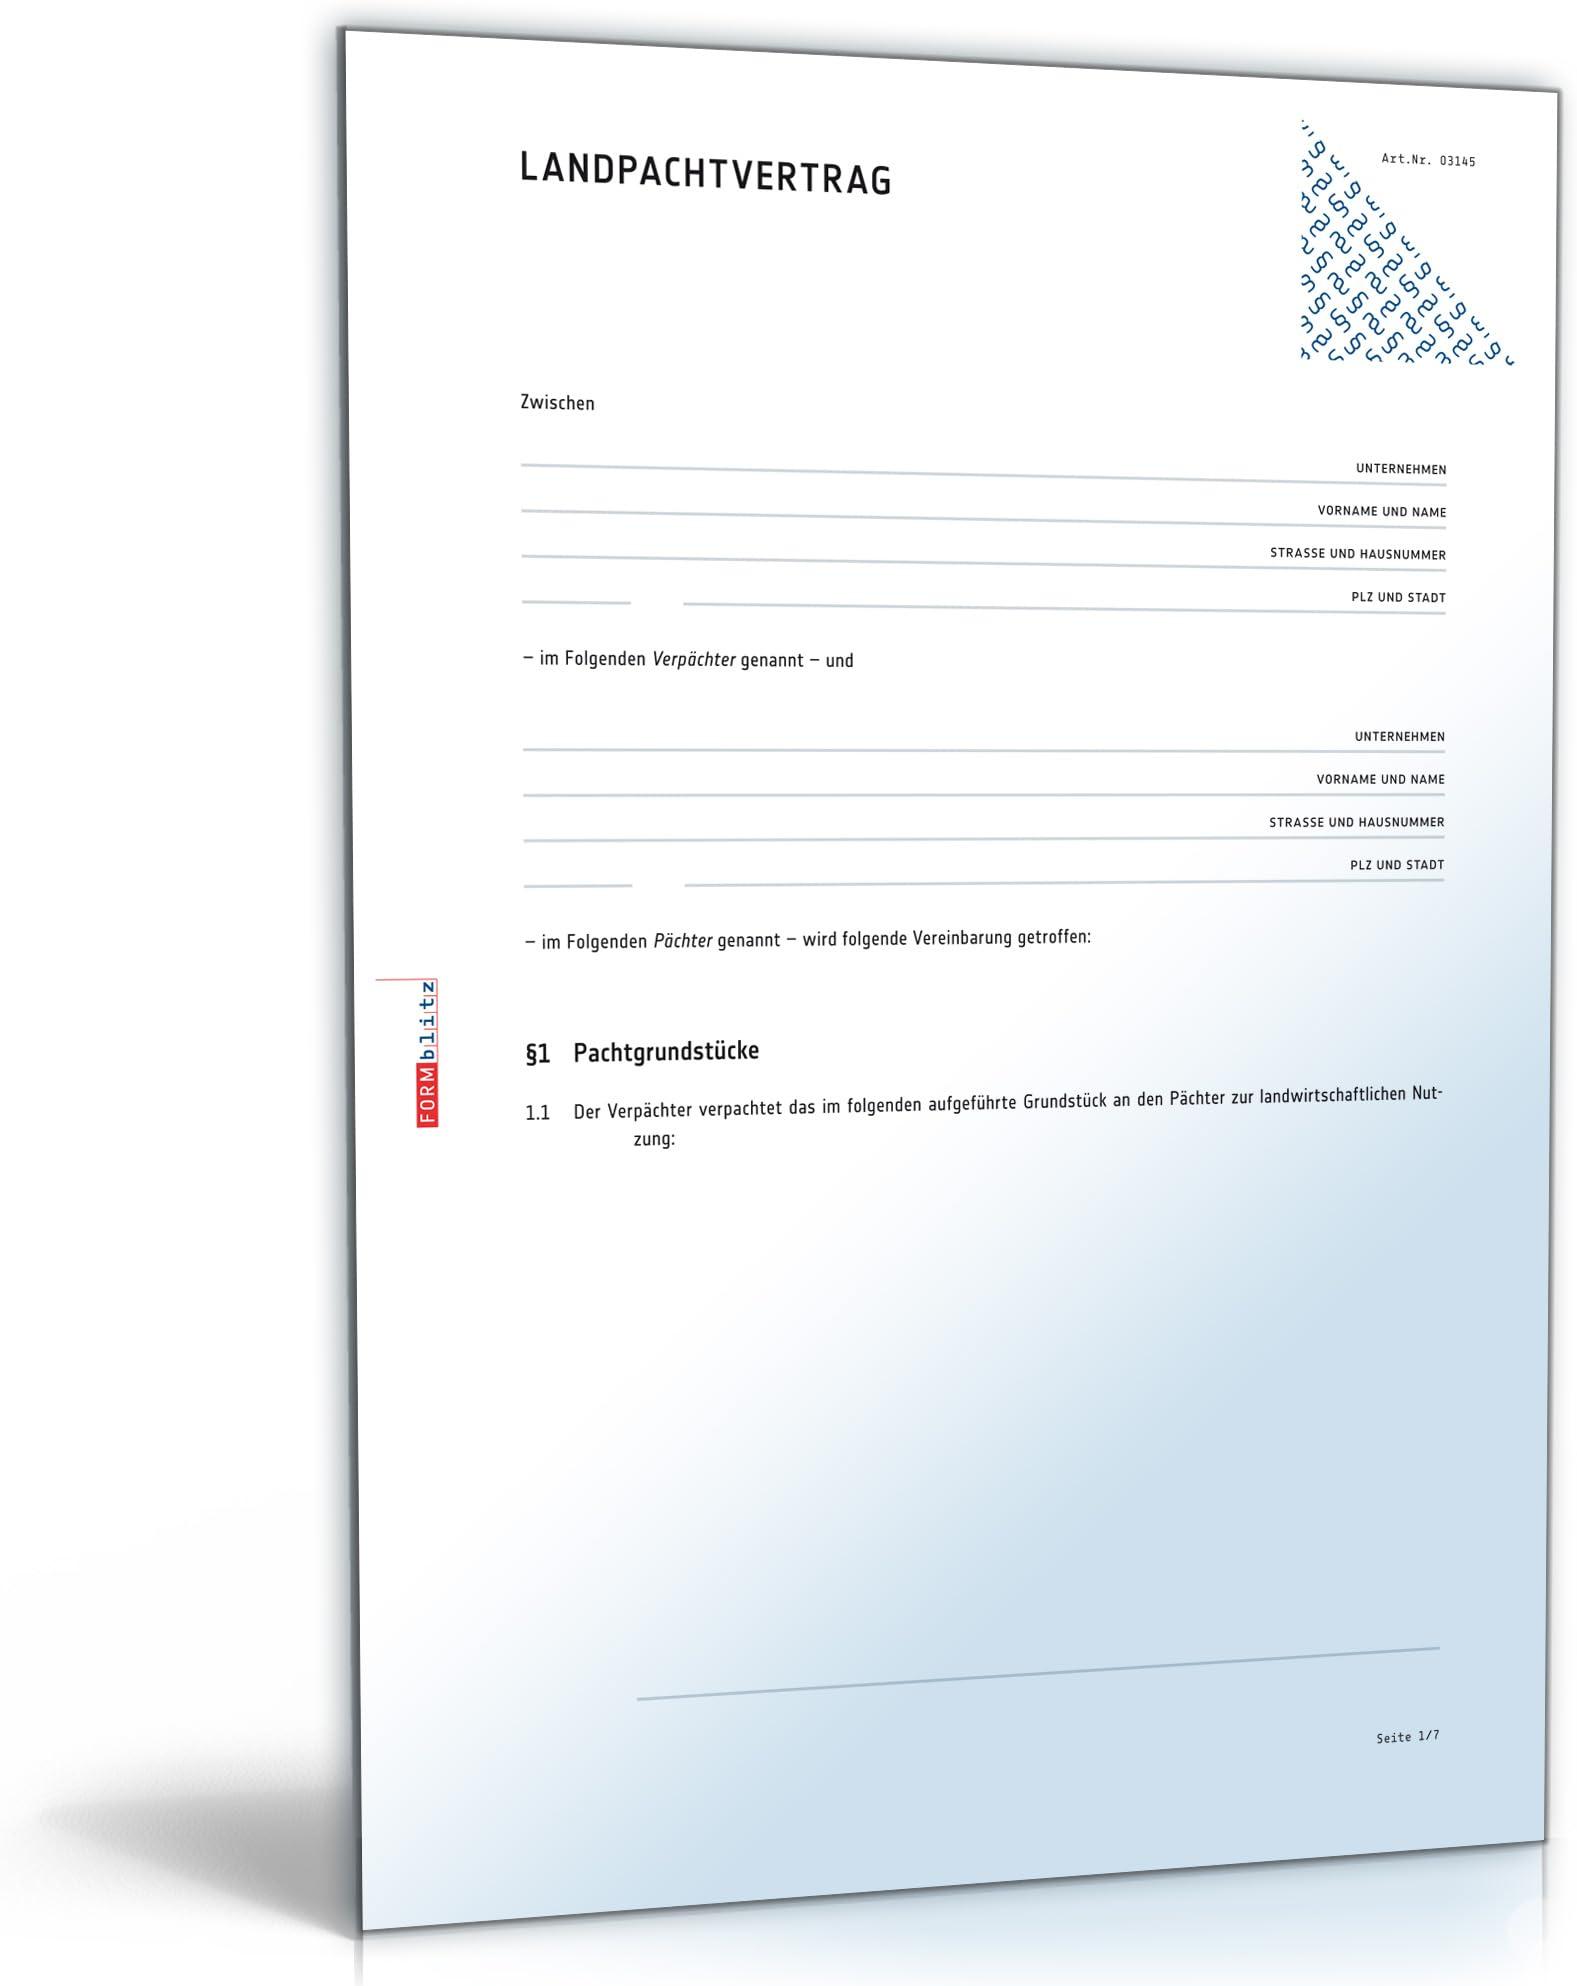 Landpachtvertrag Pachtvertrag Fur Landwirtschaftliche Nutzflachen Doc Download Amazon De Software